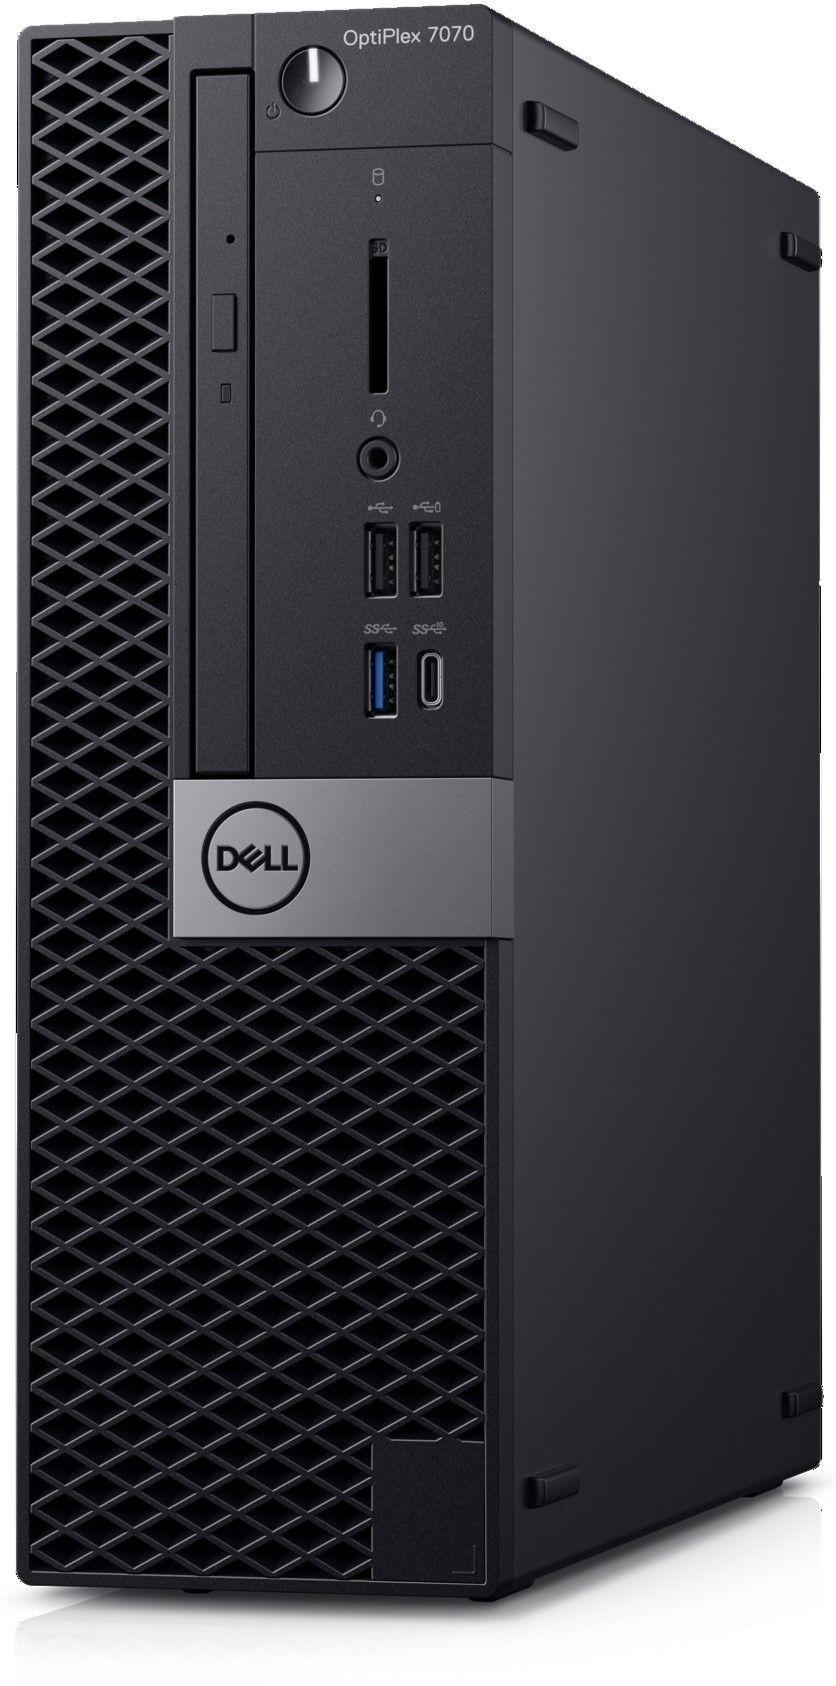 Настолен компютър Dell OptiPlex - 7070 SFF, черен - 3